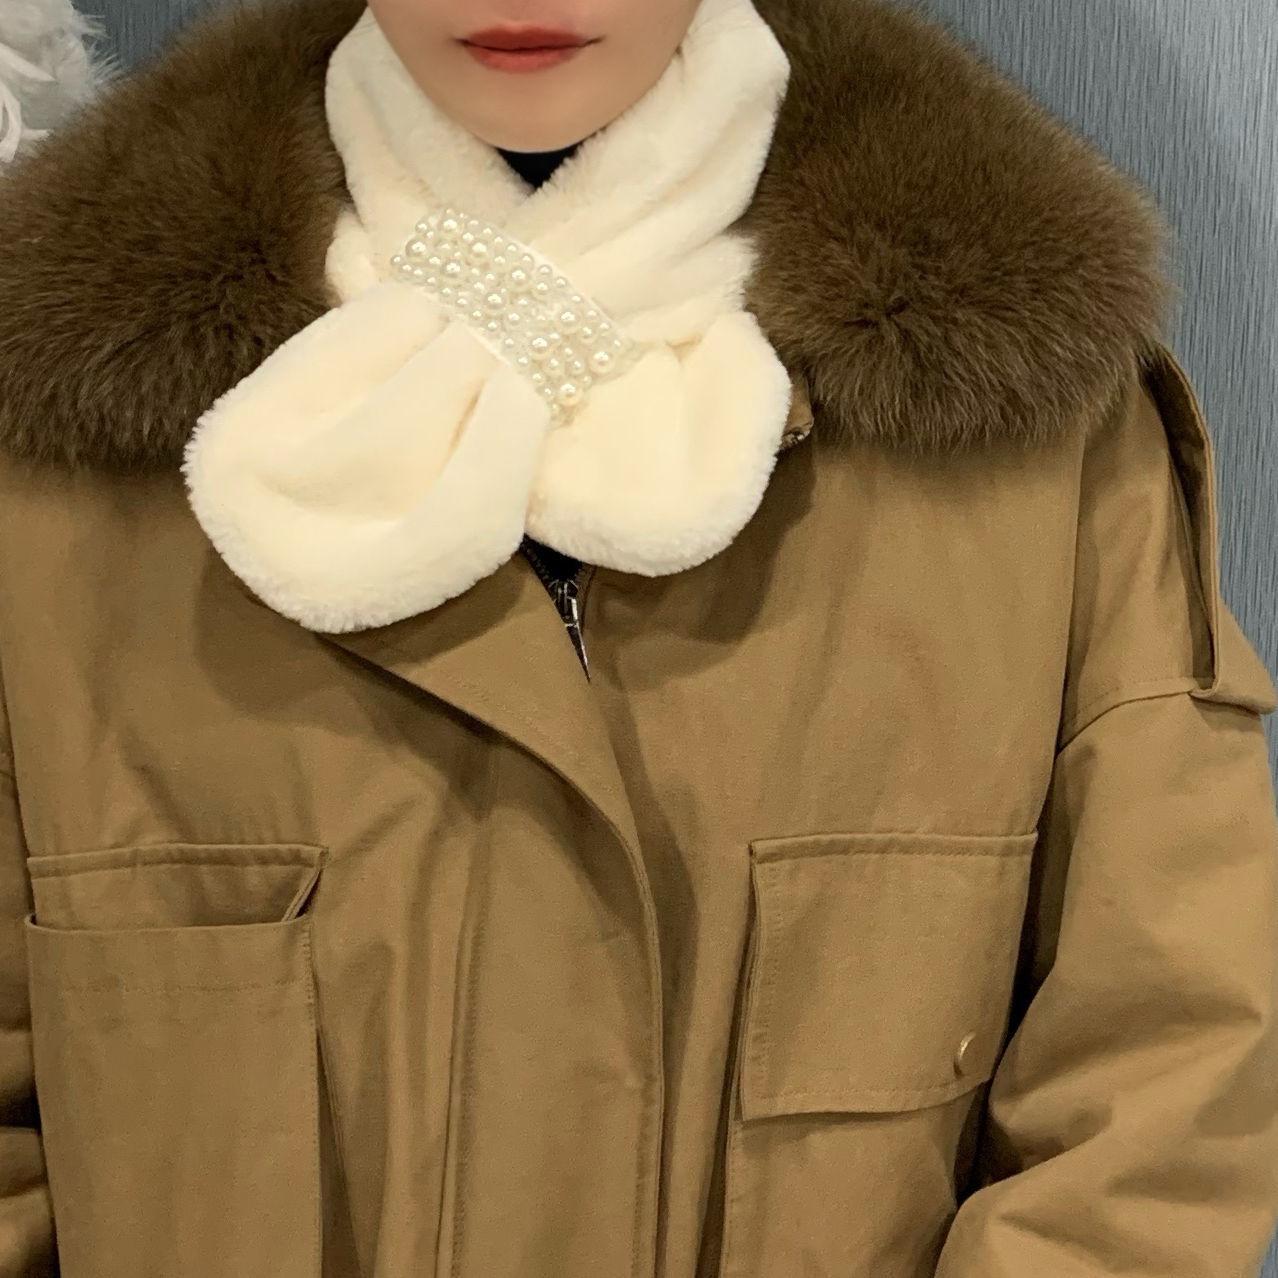 仿兔毛时尚精品女秋冬季加厚保暖围脖学生少女潮流百搭珍珠暖围脖